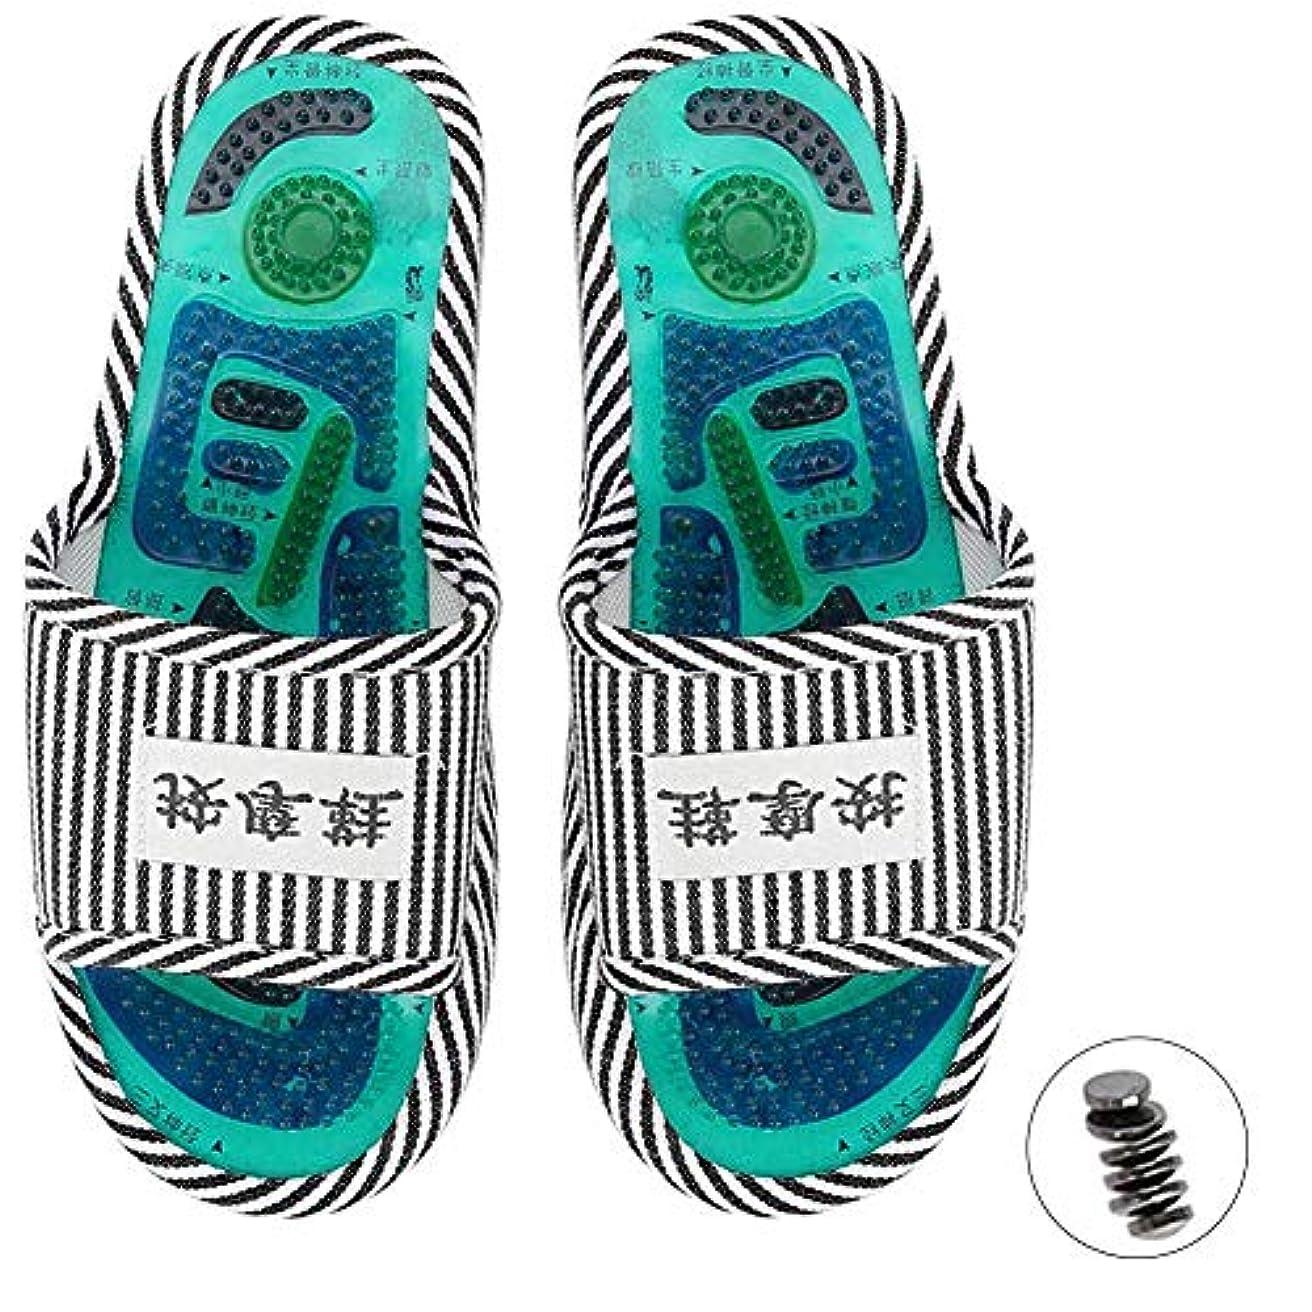 責任者乗算メルボルンマッサージスリッパ、足指圧マッサージ 磁気ストーン 健康な足のケア マッサージボール 男性女性用(1)